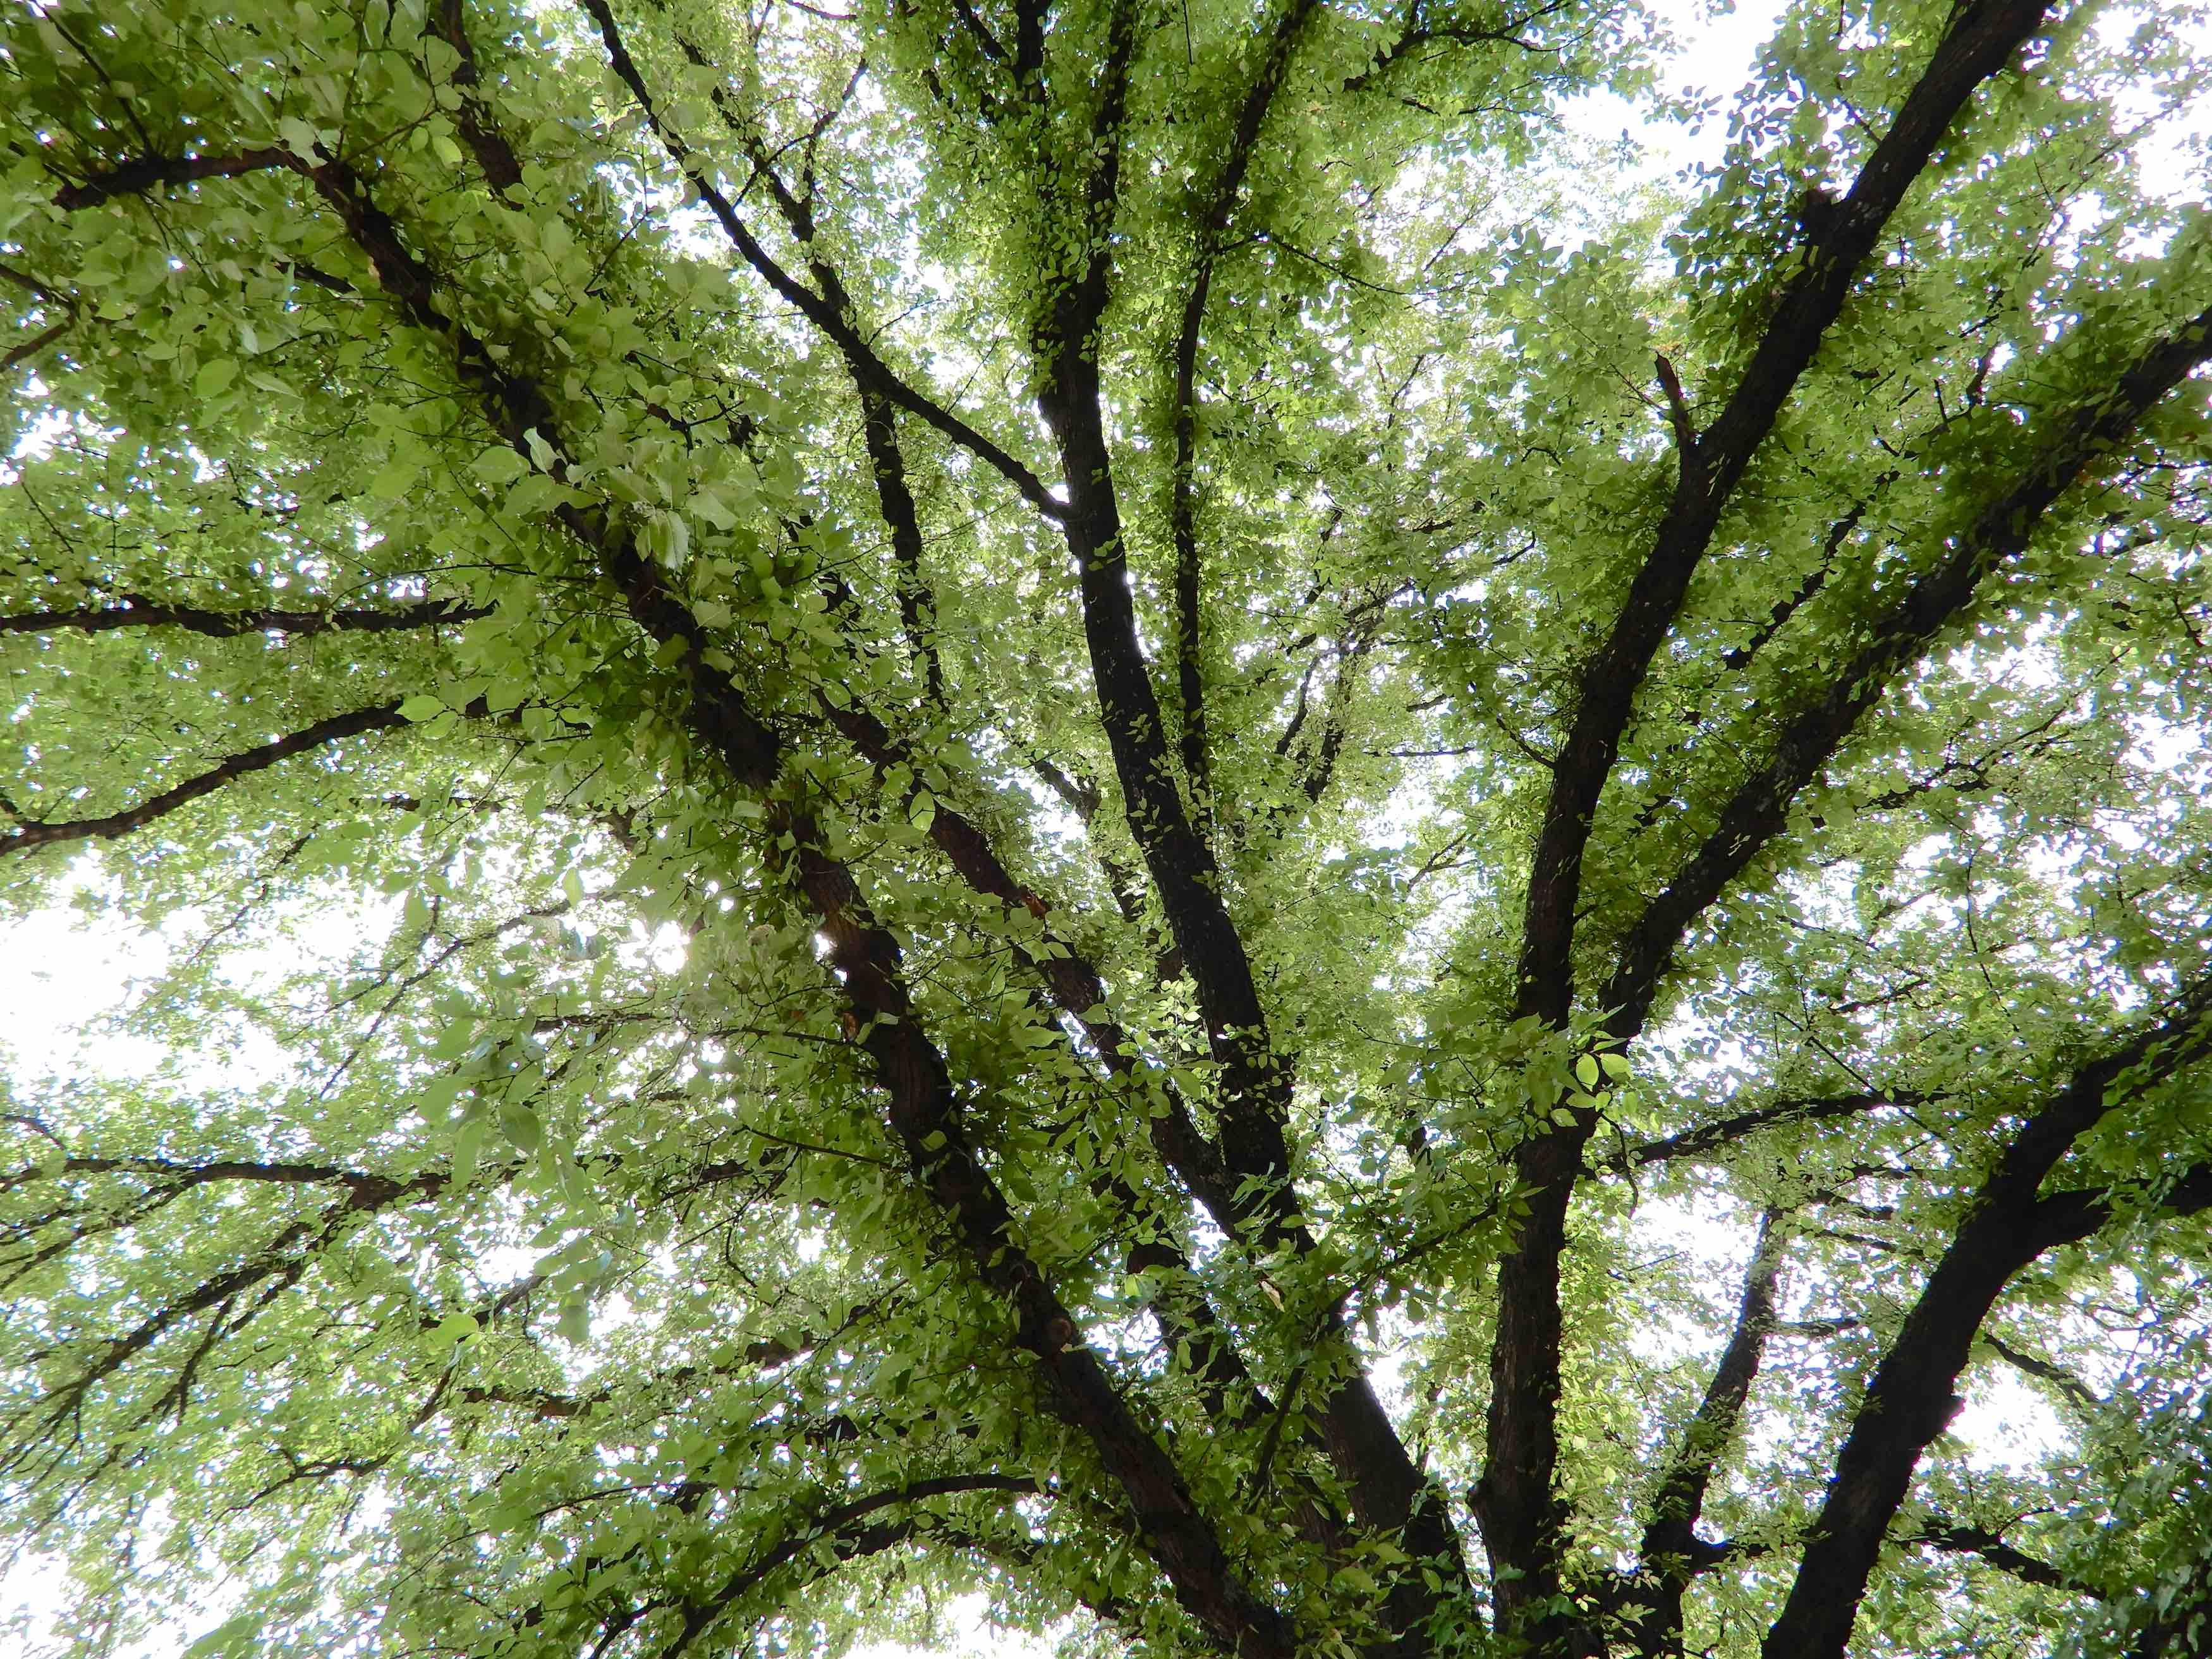 17.tree canopy